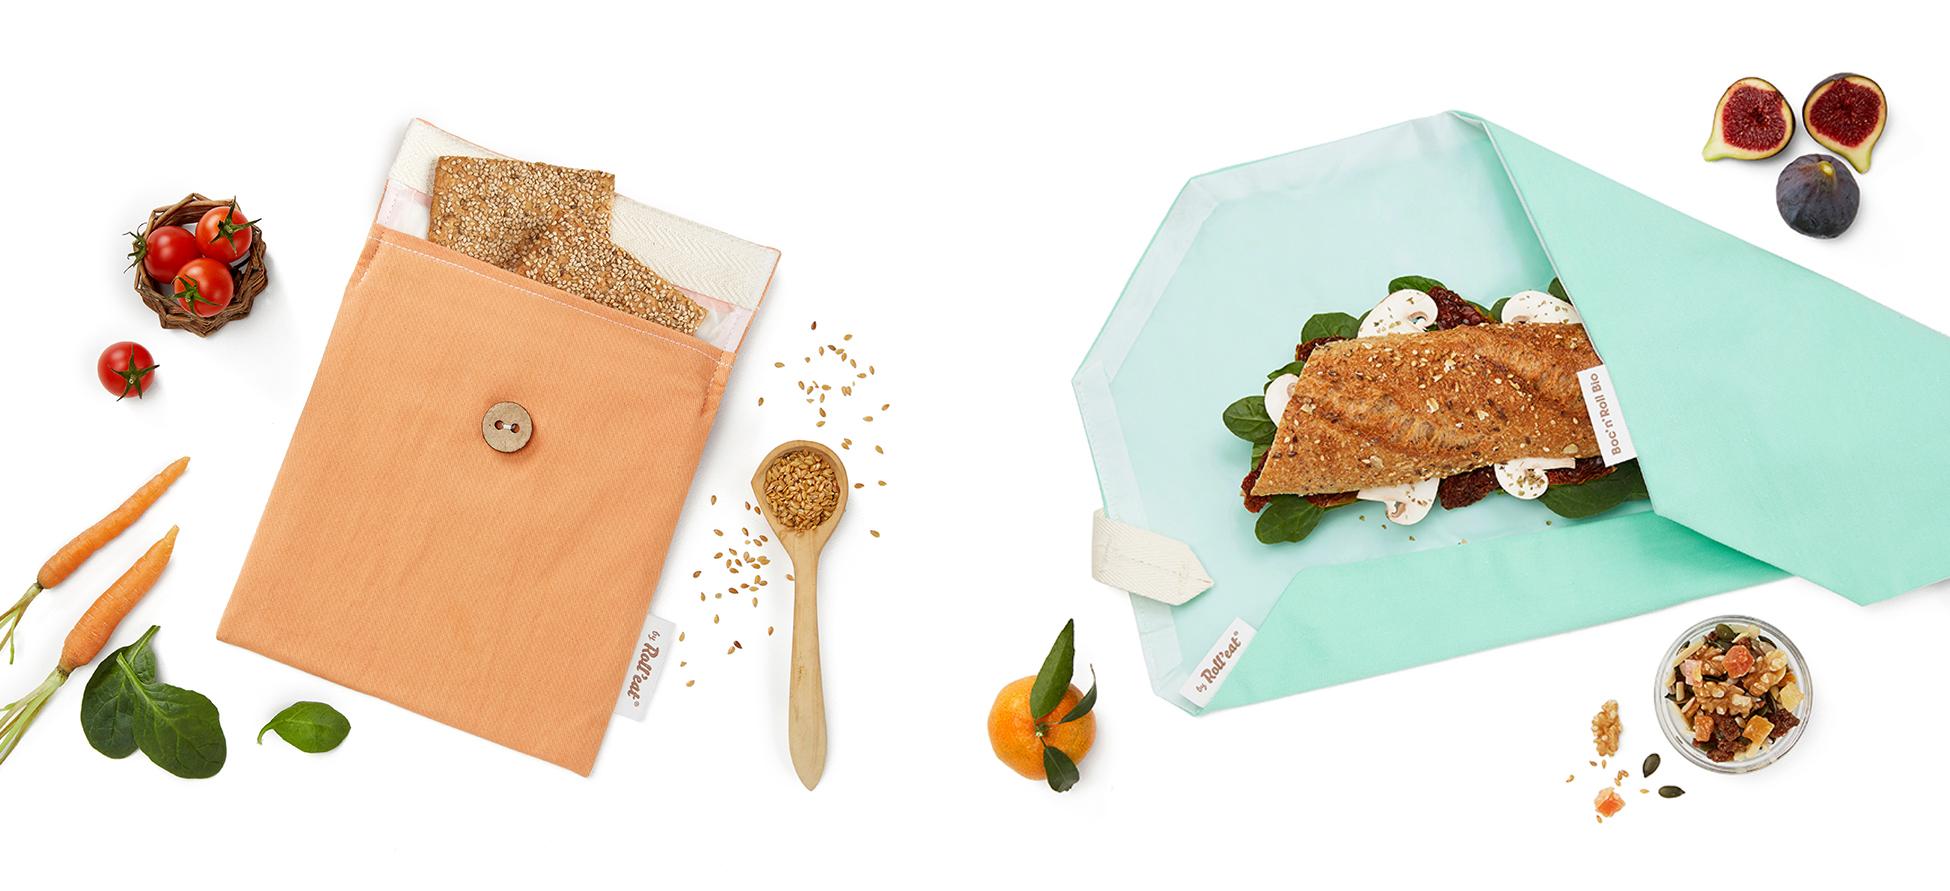 porta alimentos sostenibles